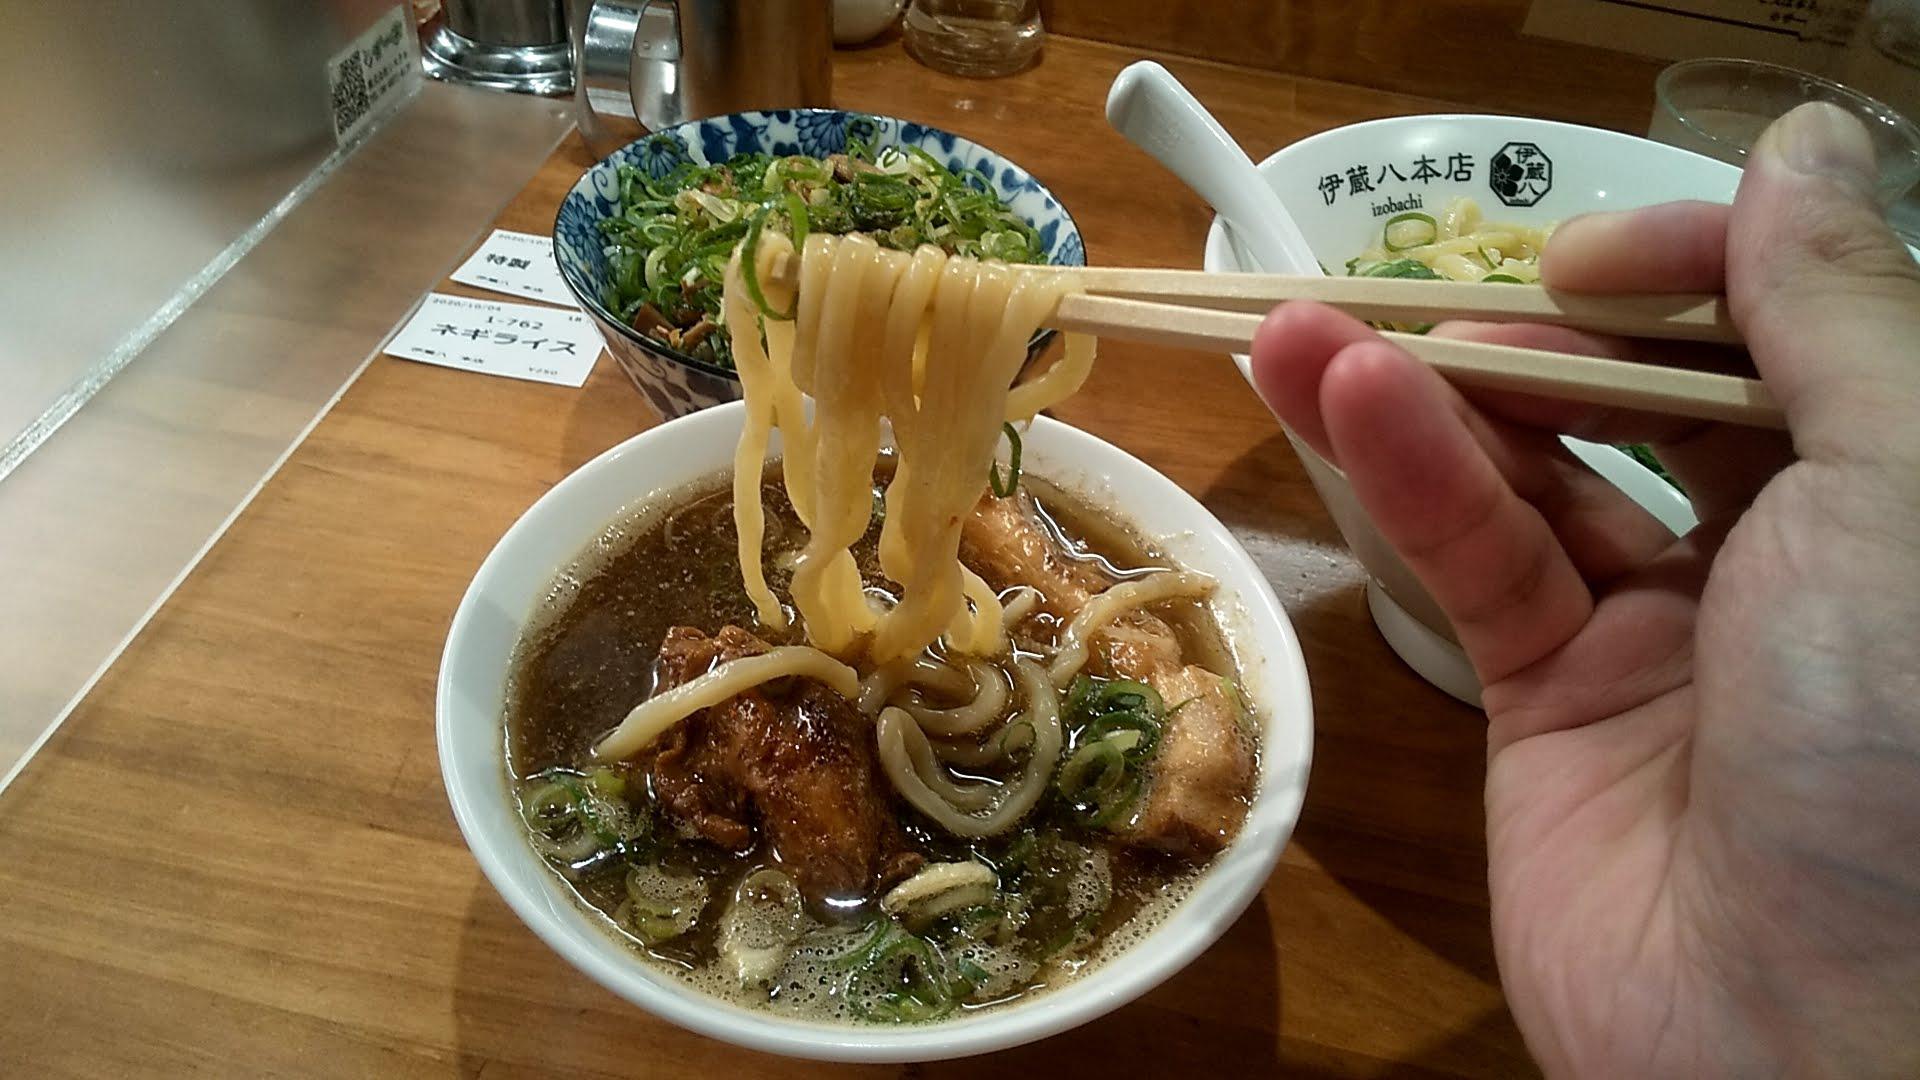 中華そば伊蔵八本店のつけそばの麺リフト写真